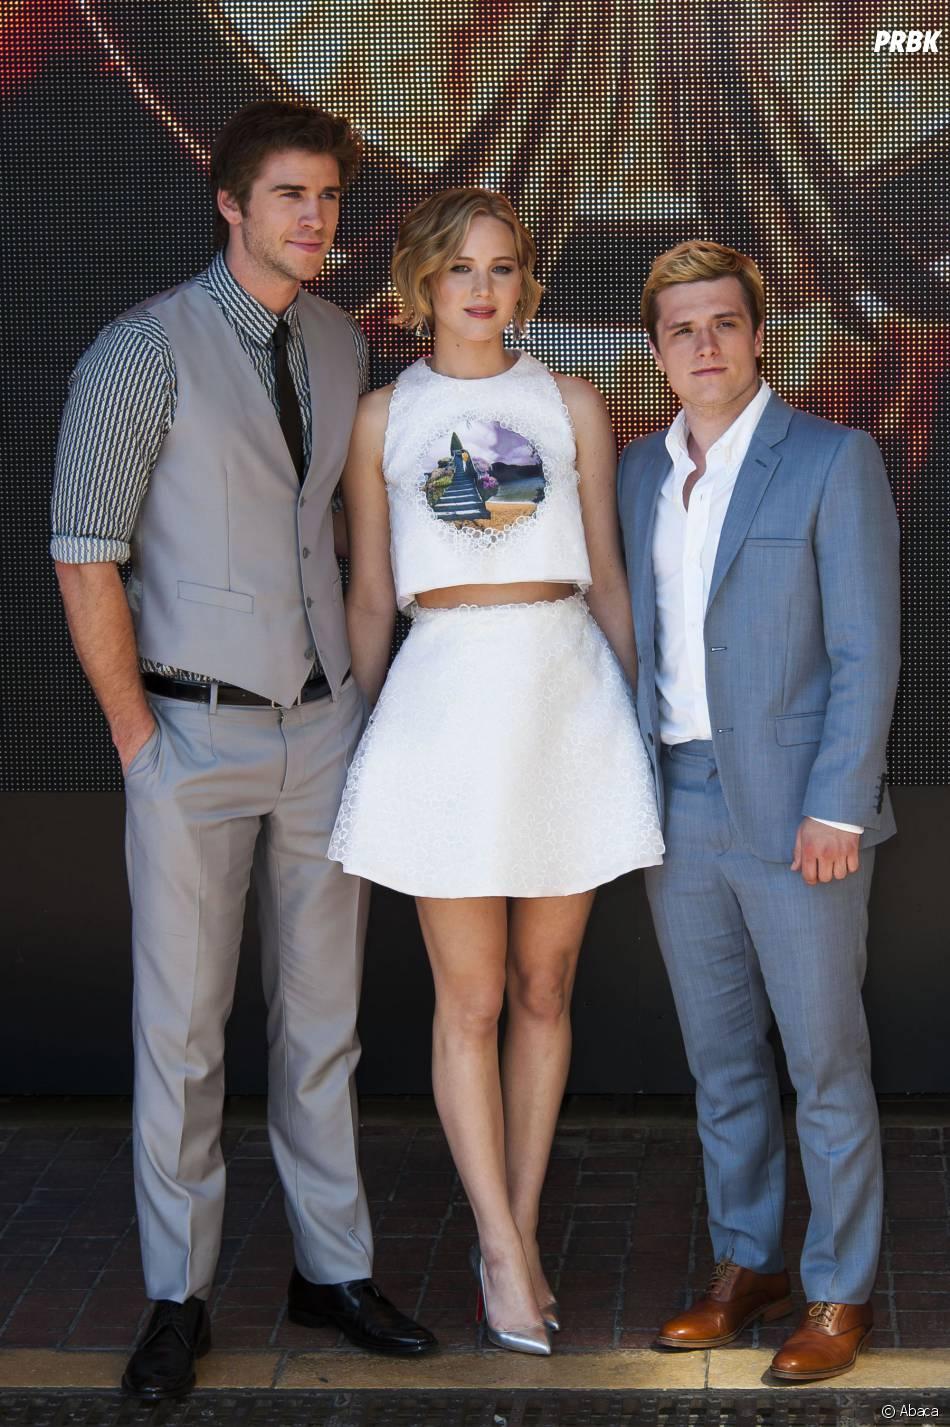 Hunger Games 3 : Jennifer Lawrence entourée de Liam Hemsworth et Josh Hutcherson au Festival de Cannes 2014